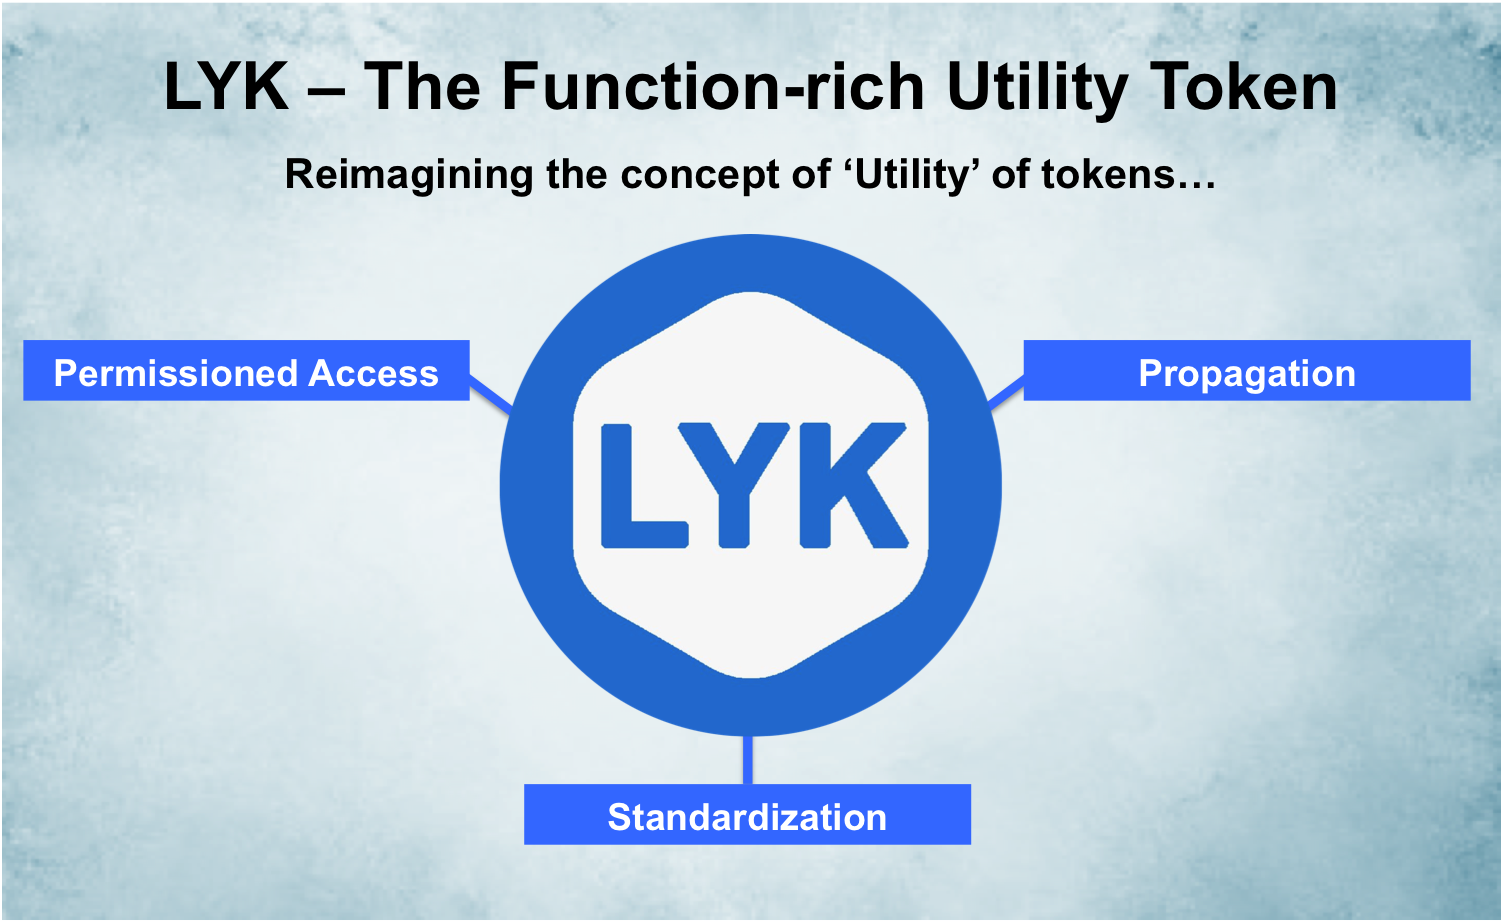 Loyakk utility